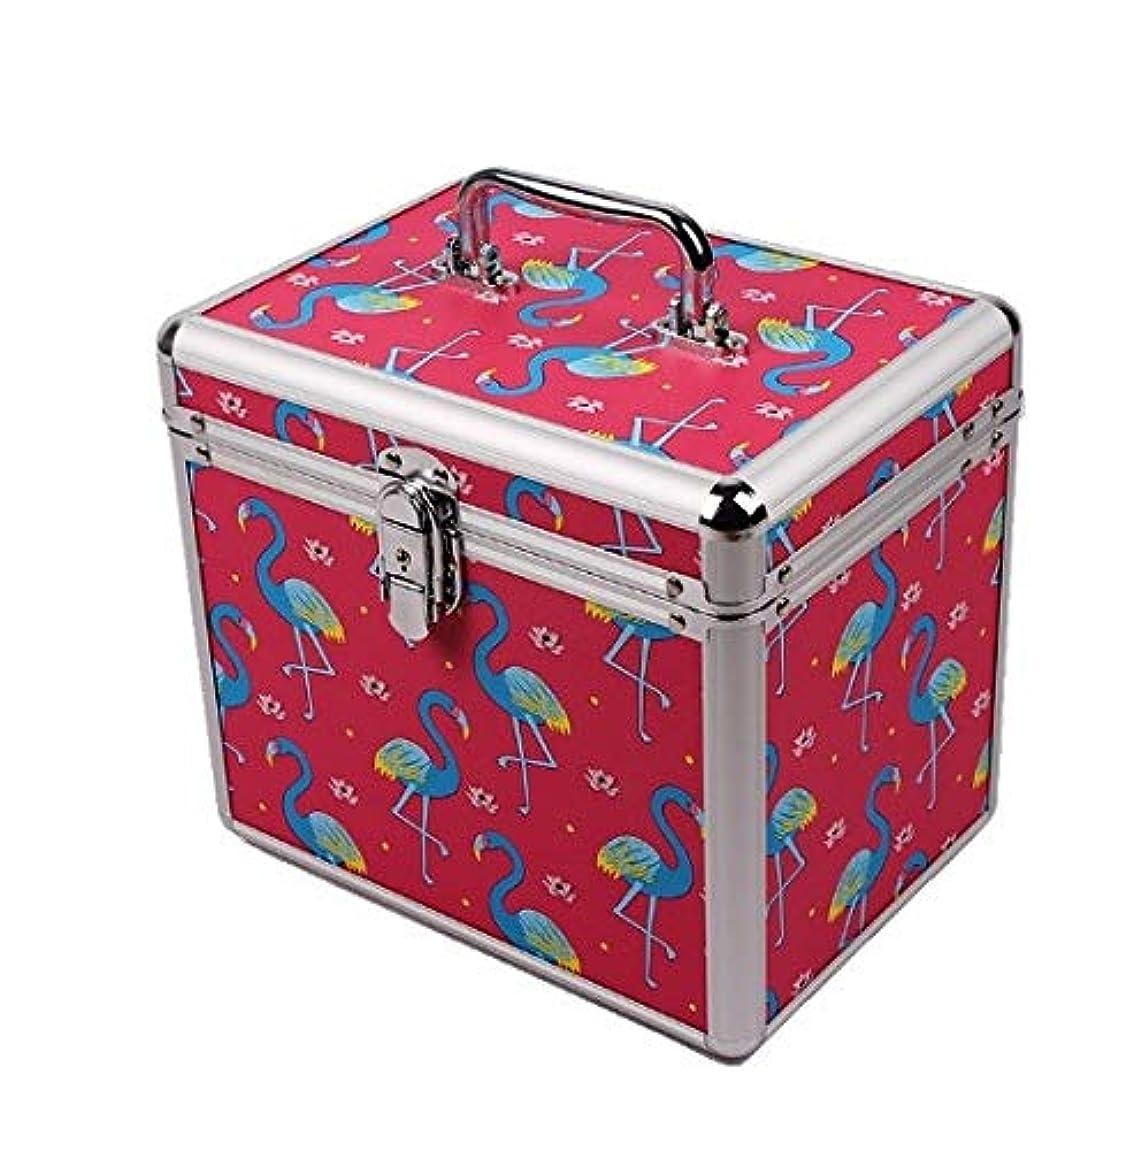 アコーバーチャルハブ化粧品ケース、ポータブル二重層ロックフットバス技術者ポータブルツールボックス、ポータブル旅行化粧品ケース、美容ネイルジュエリー収納ボックス (Design : 1#)